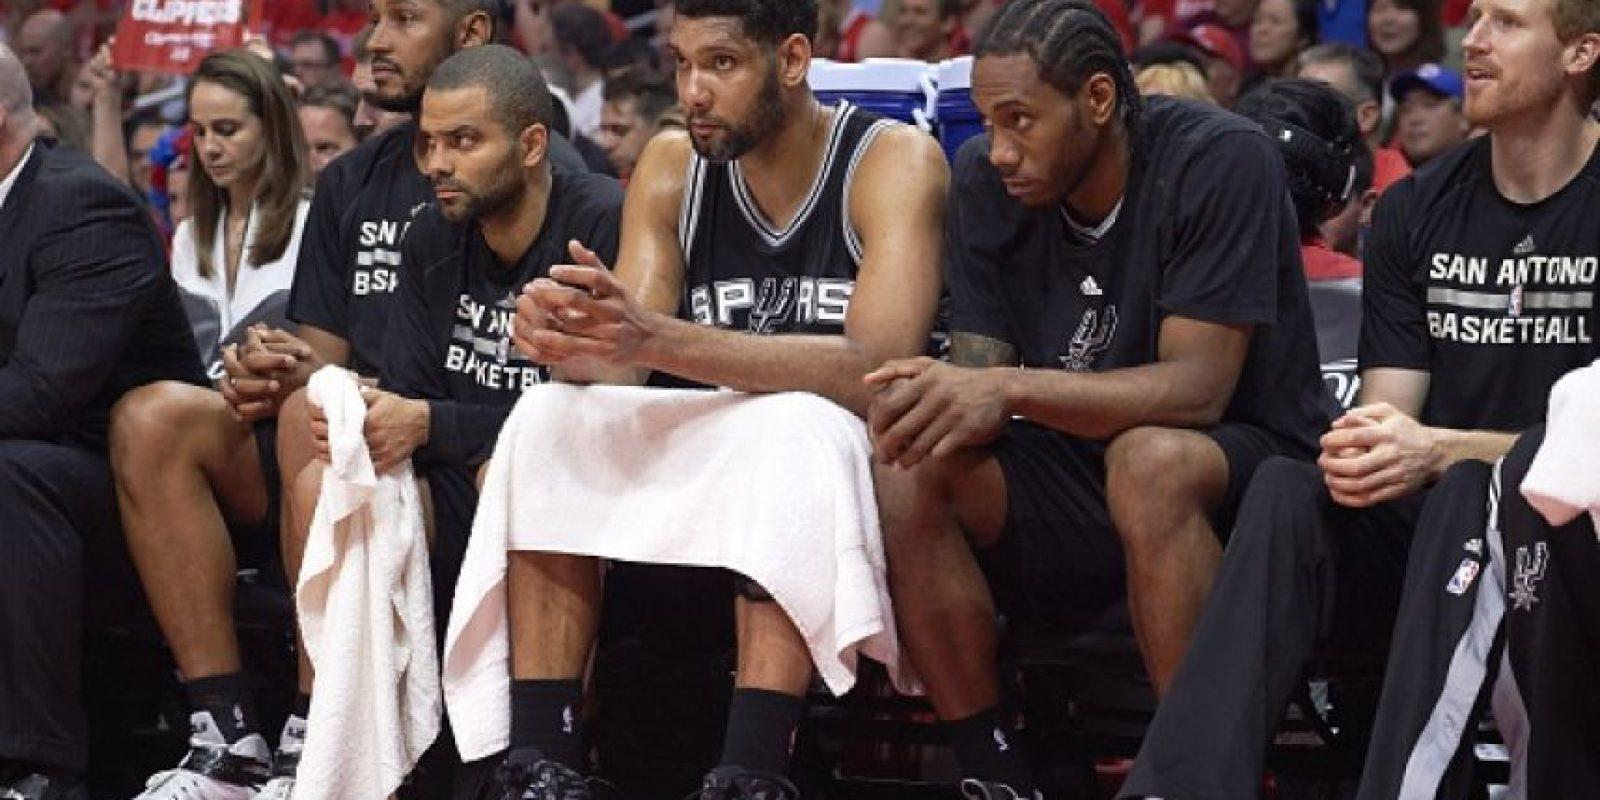 Pero esta temporada fueron eliminados por Los Ángeles Clippers y ya no podrán defender su corona. Foto:Getty Images